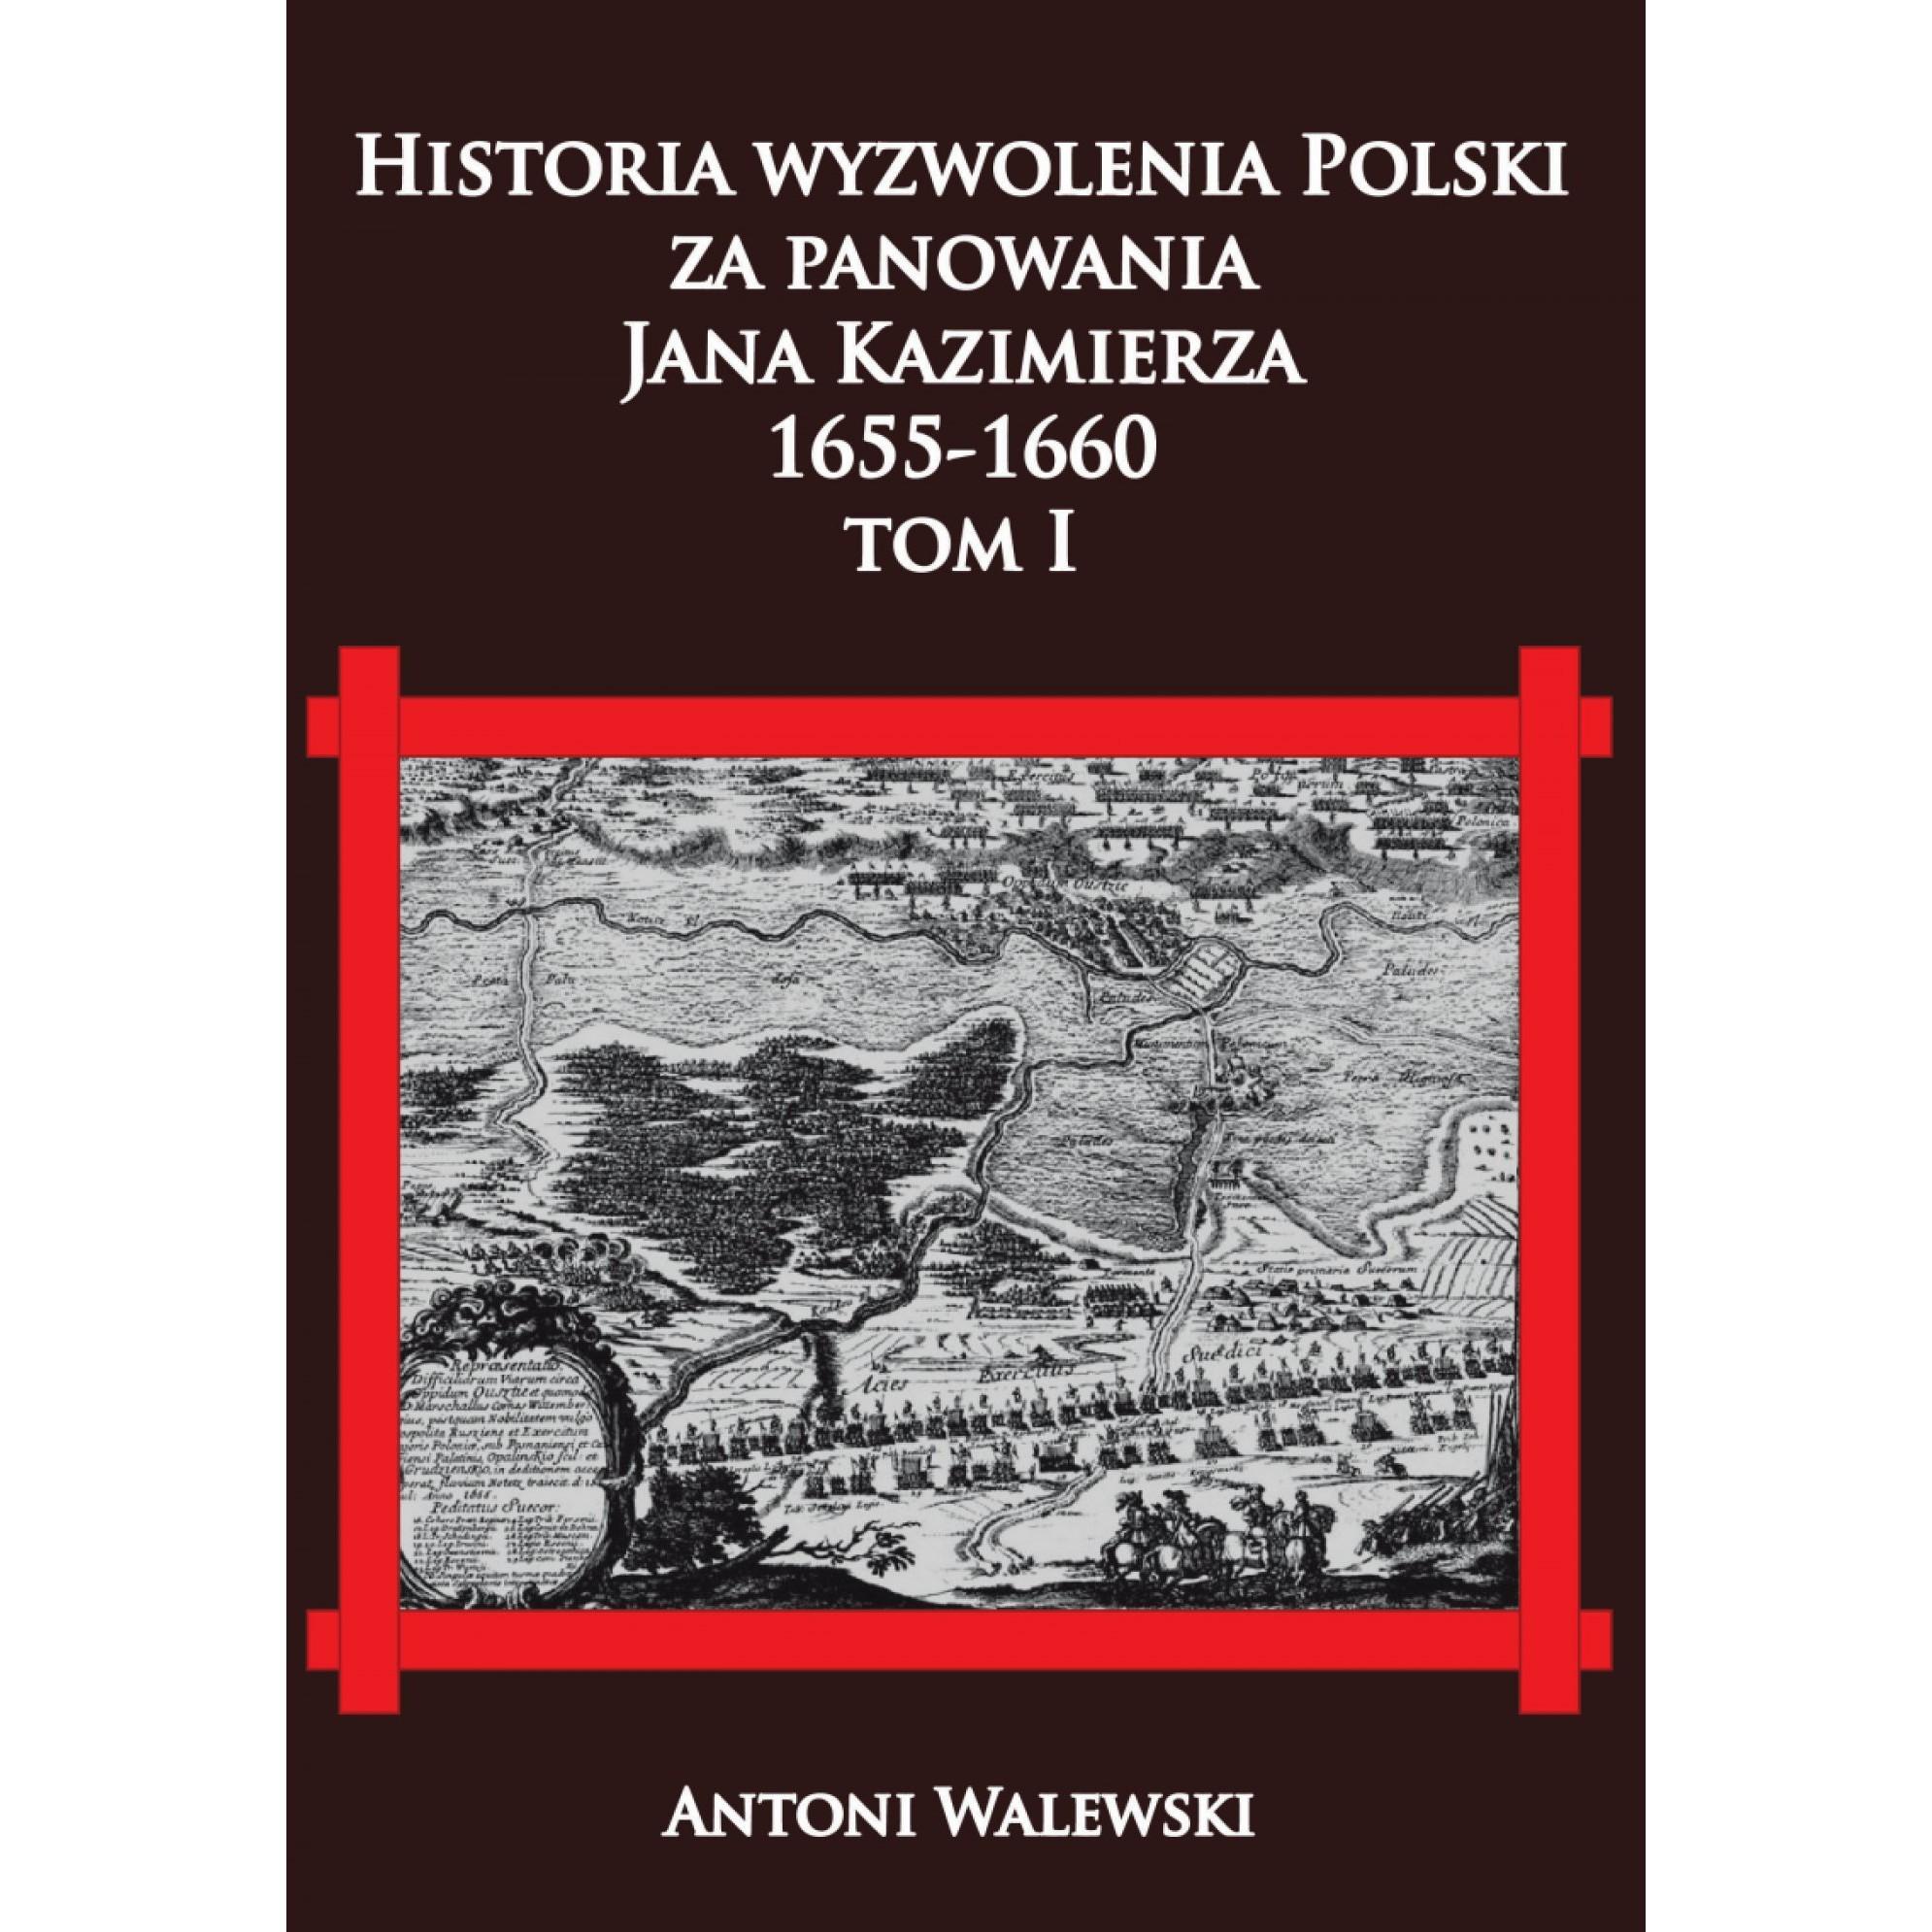 Historia wyzwolenia Polski za panowania Jana Kazimierza, 1655-1660 tom I